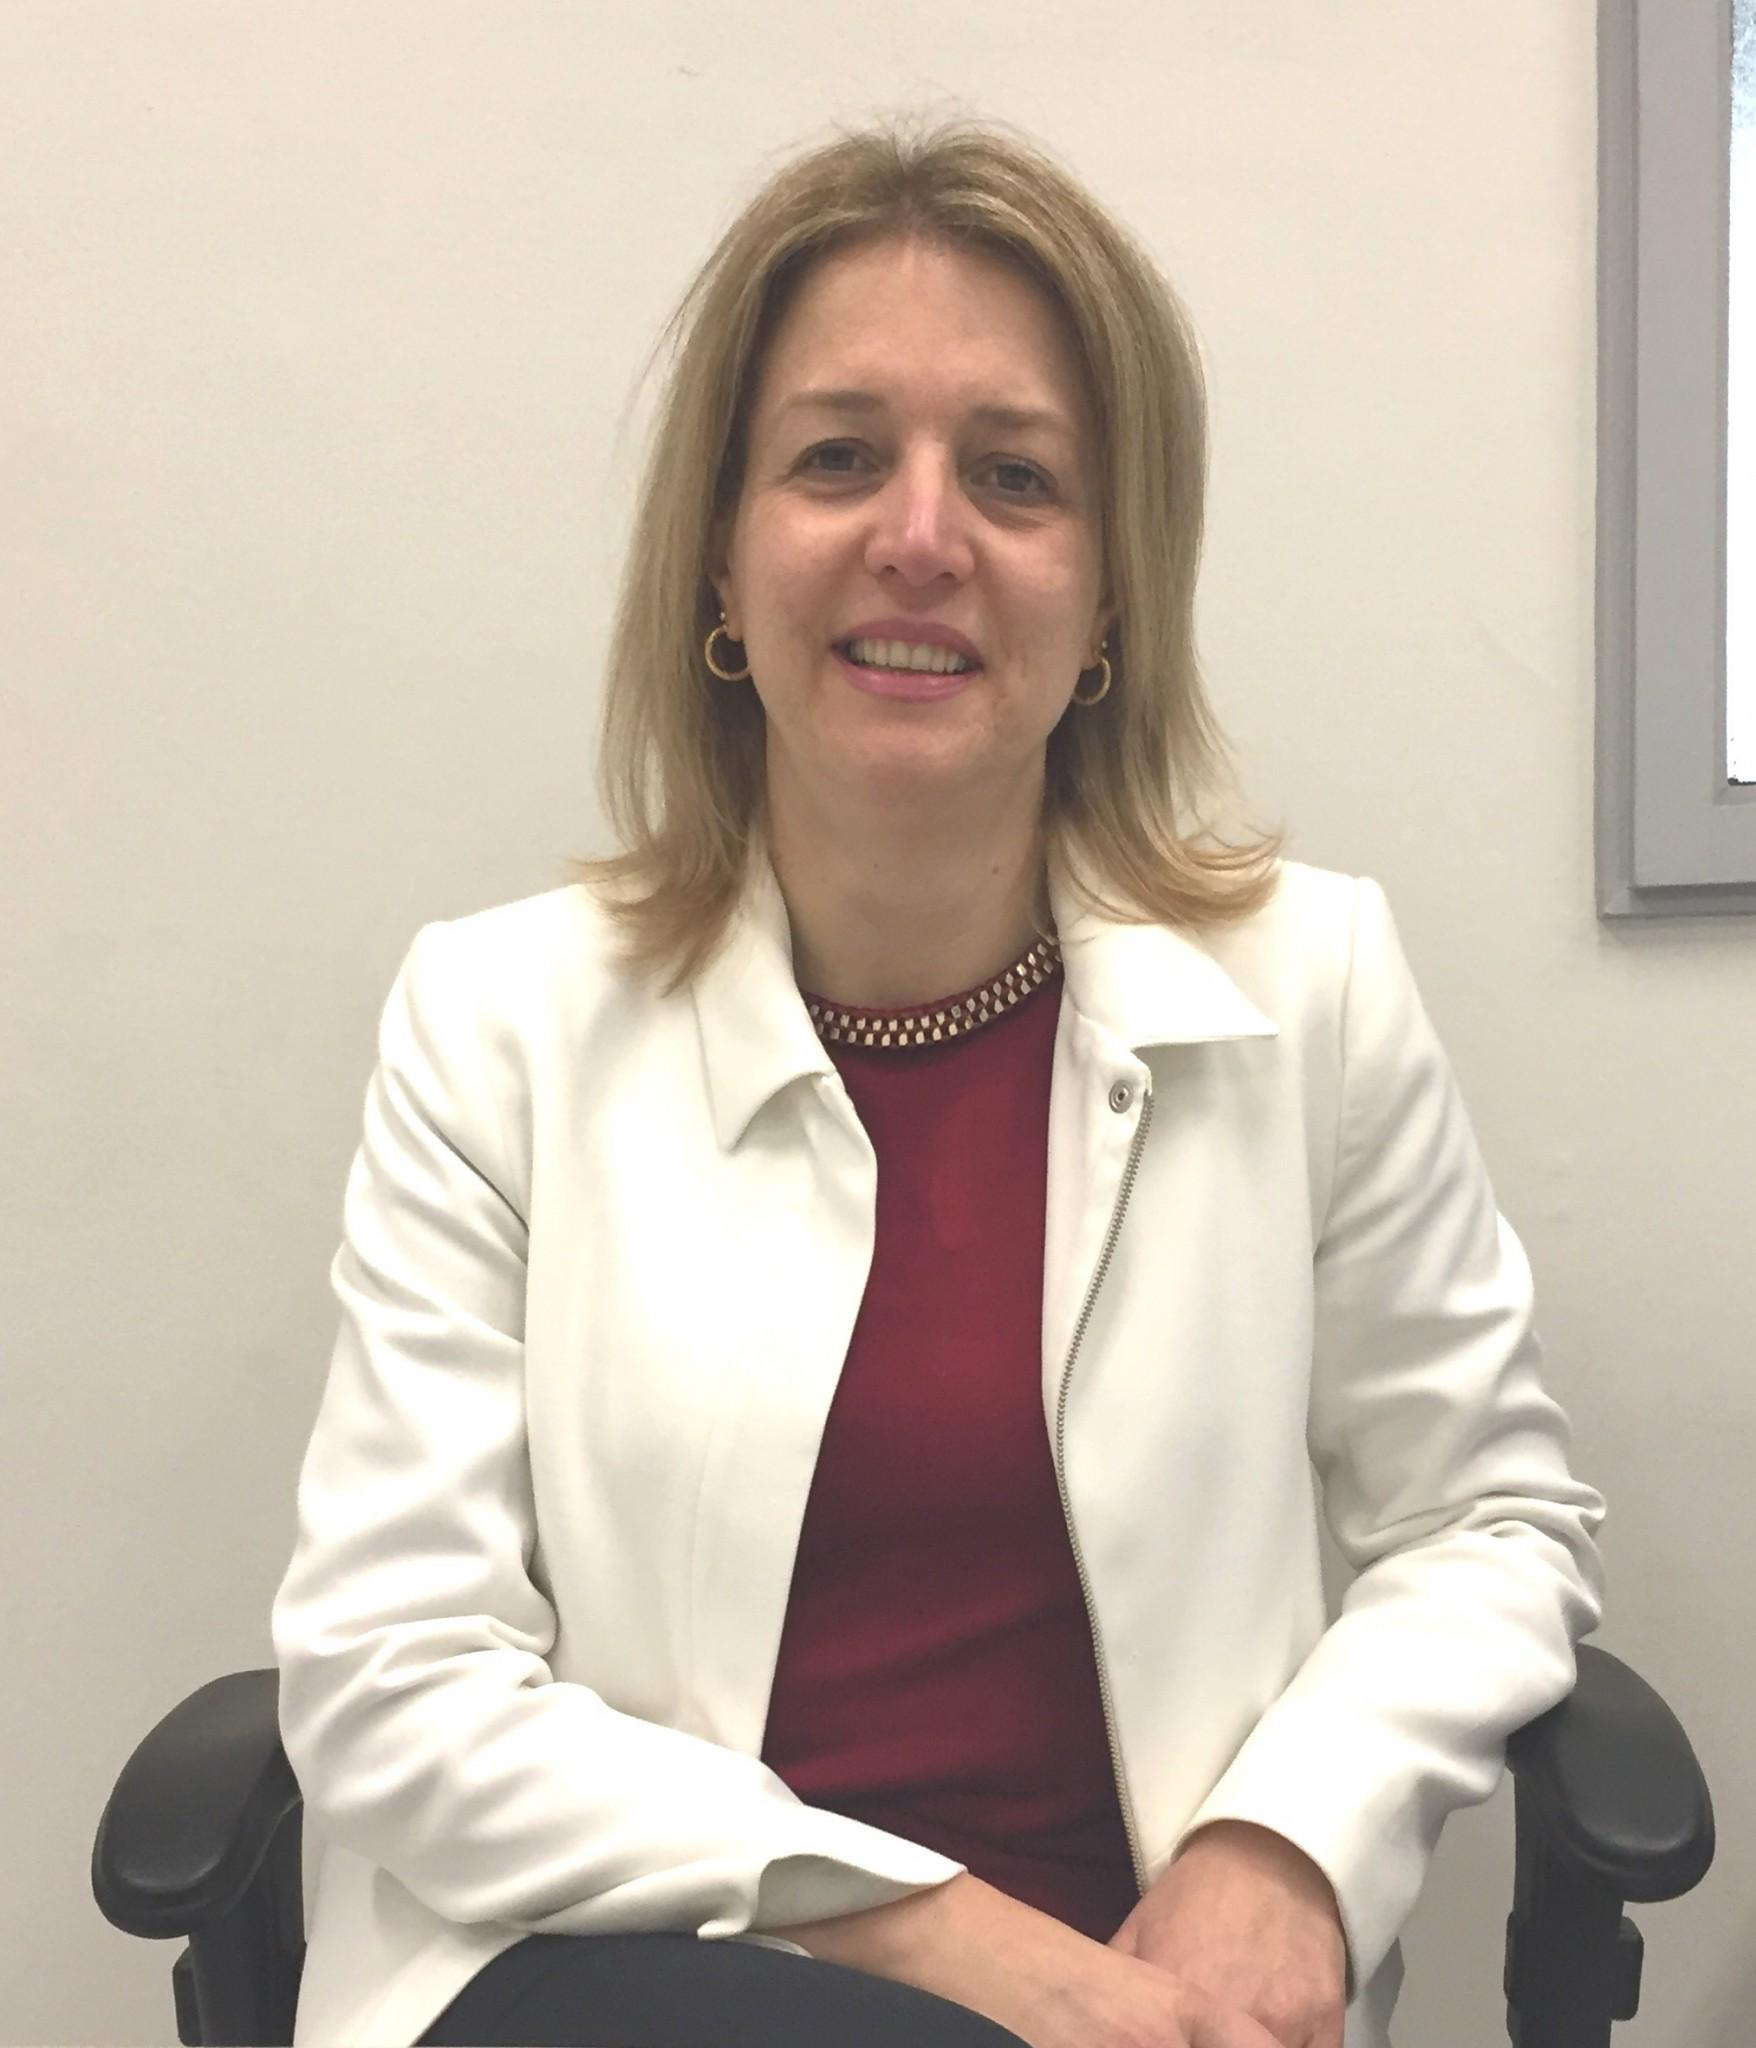 Karin Balabio